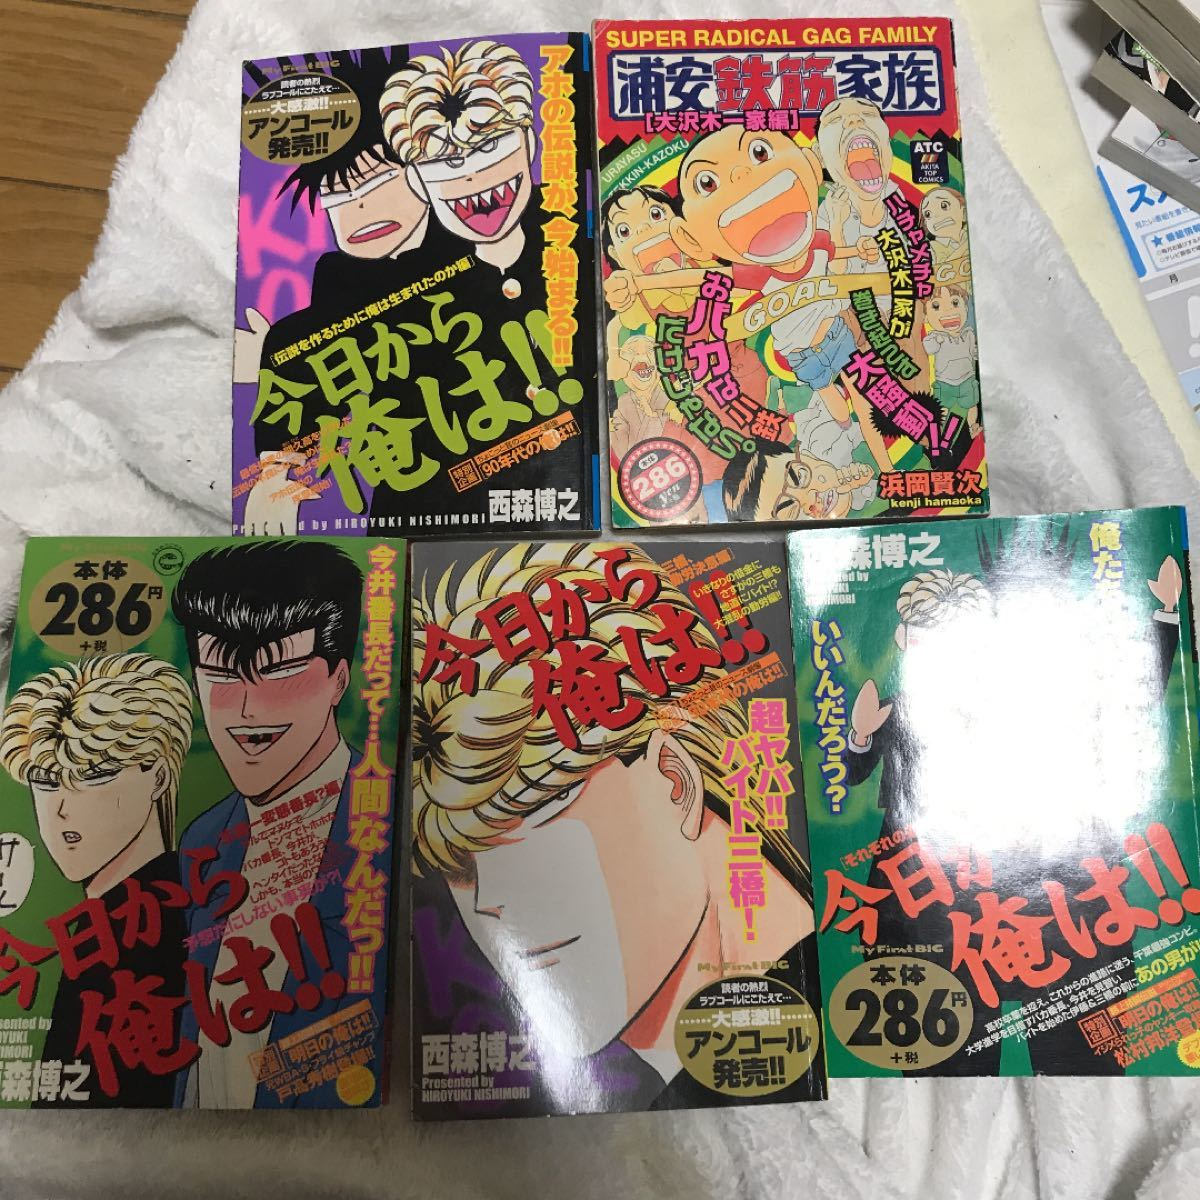 今日から俺は!!等漫画5巻セット 映画化 ドラマ化 三橋、今井番長